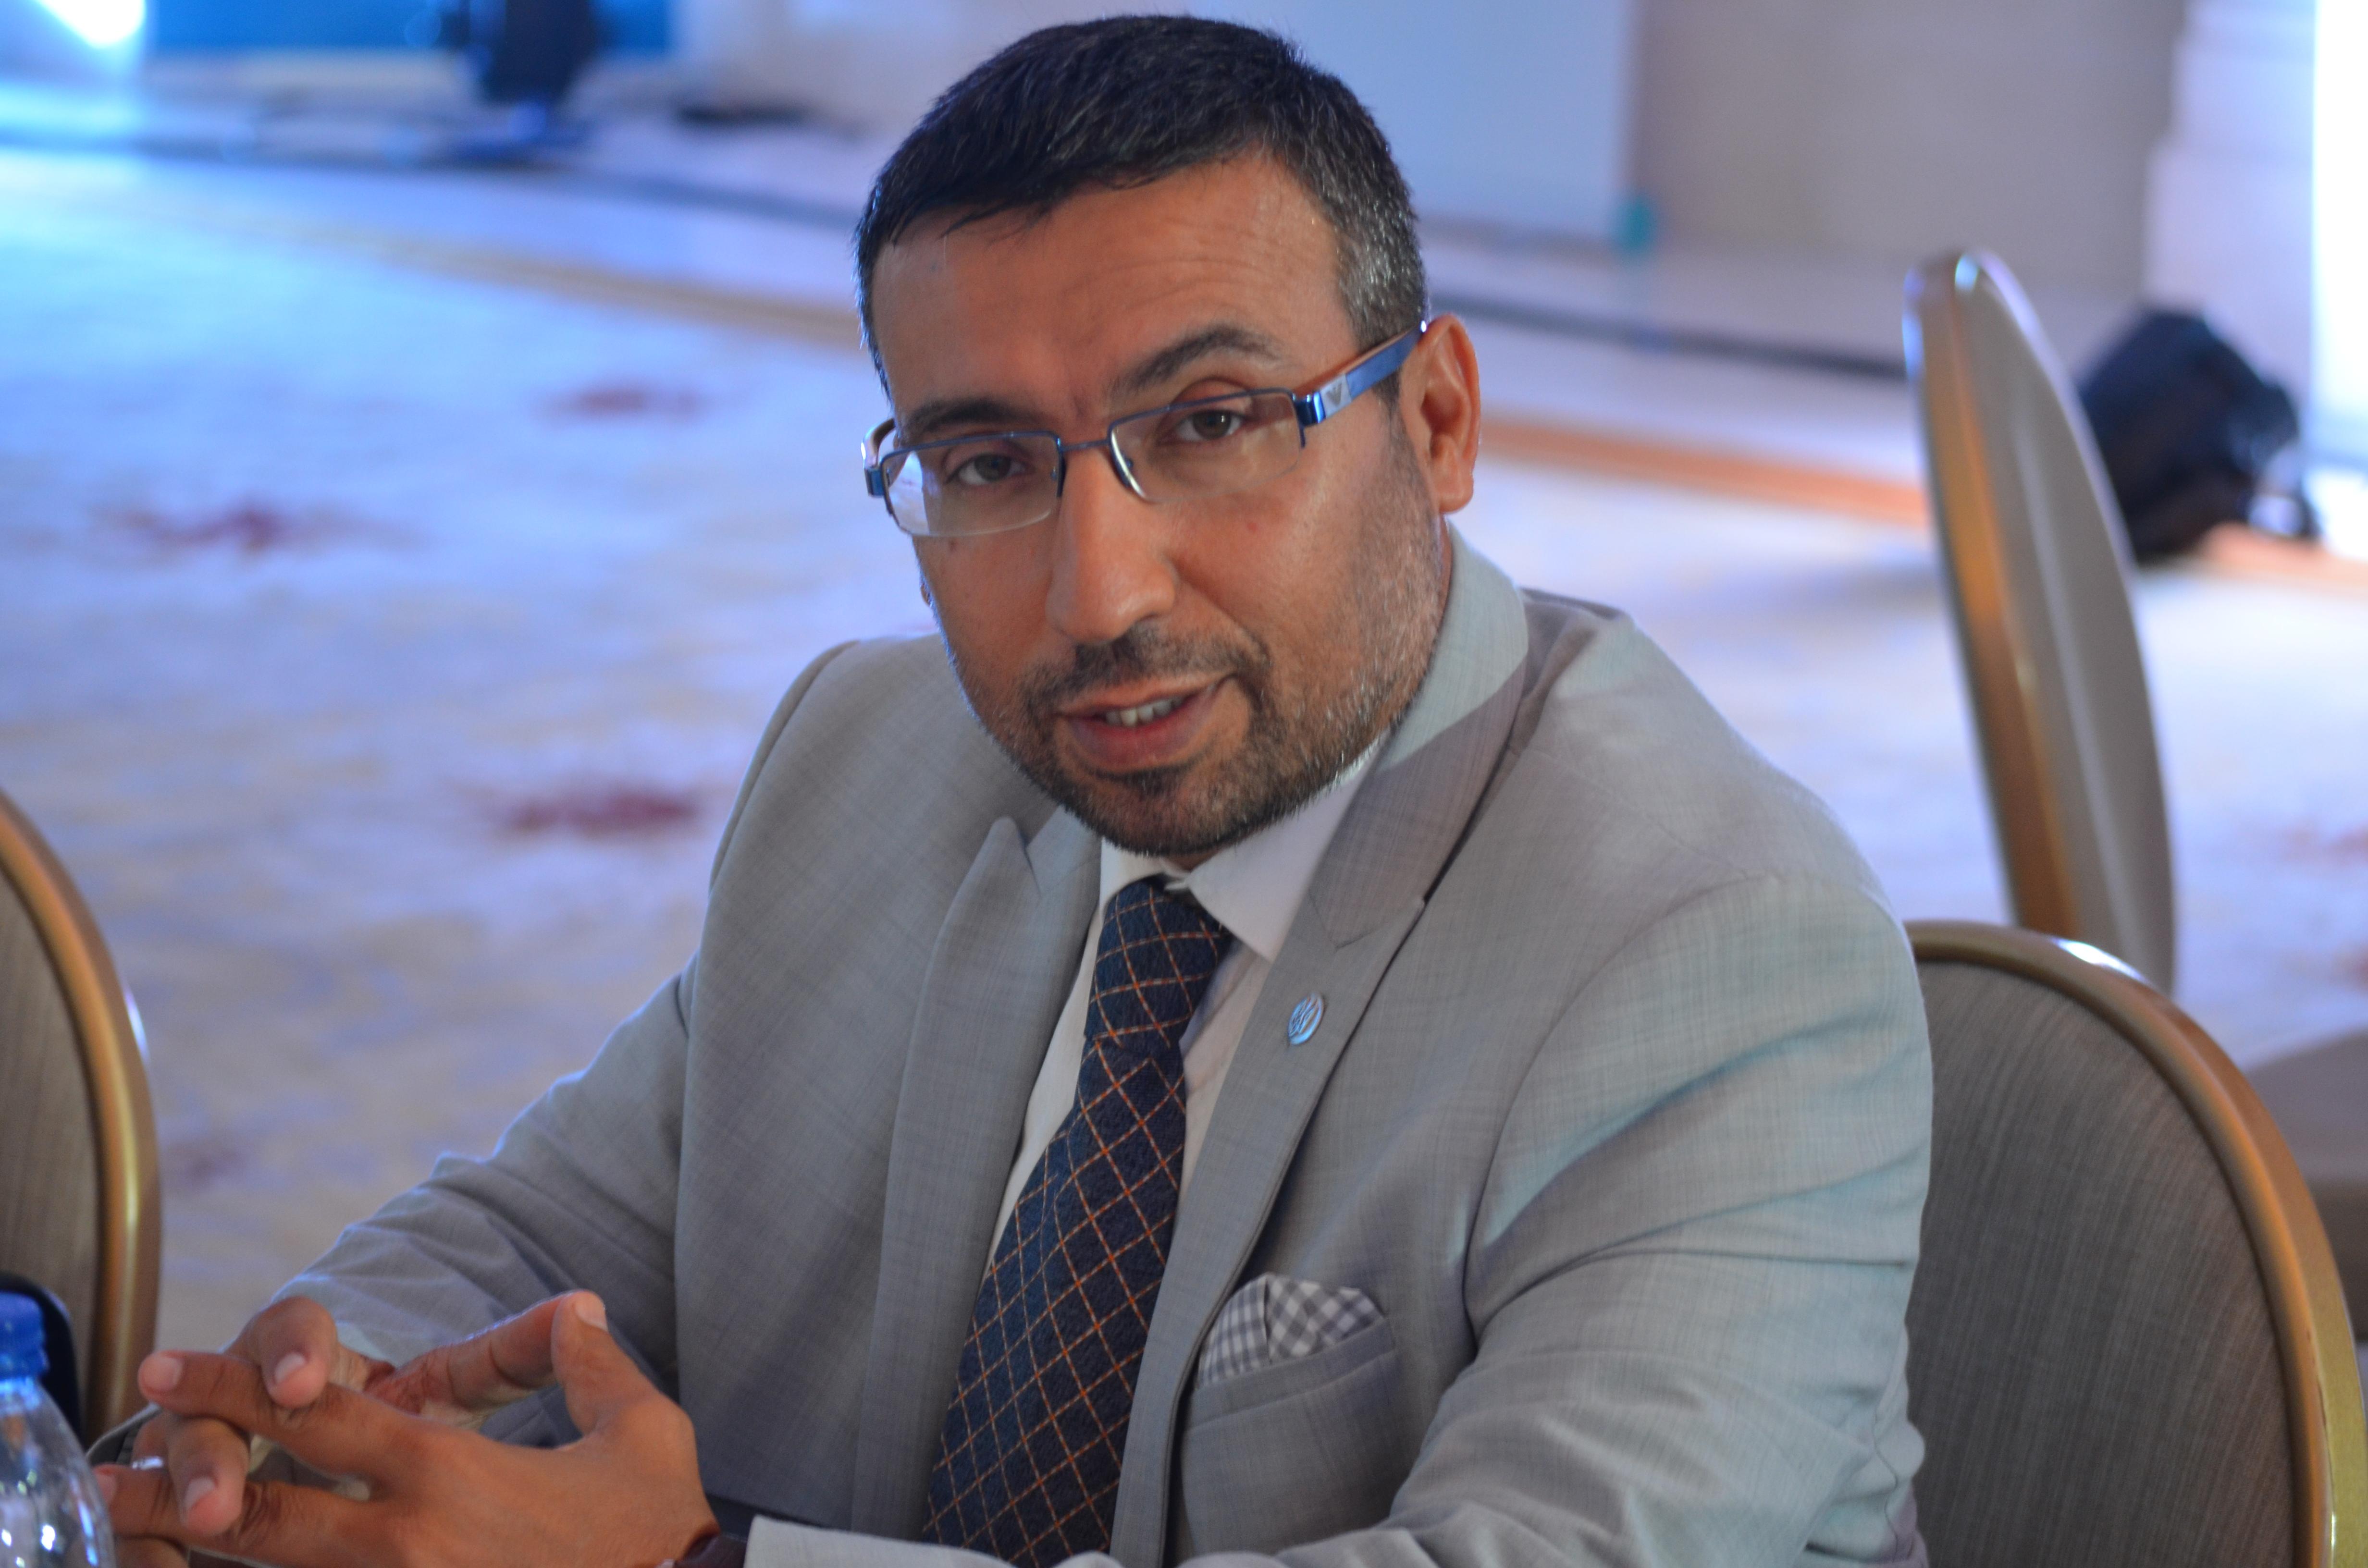 د. عماد ابو الرب: المجلس الاوكراني العربي بوابة لتعزيز حركة التبادل التجاري العربي الاوكراني